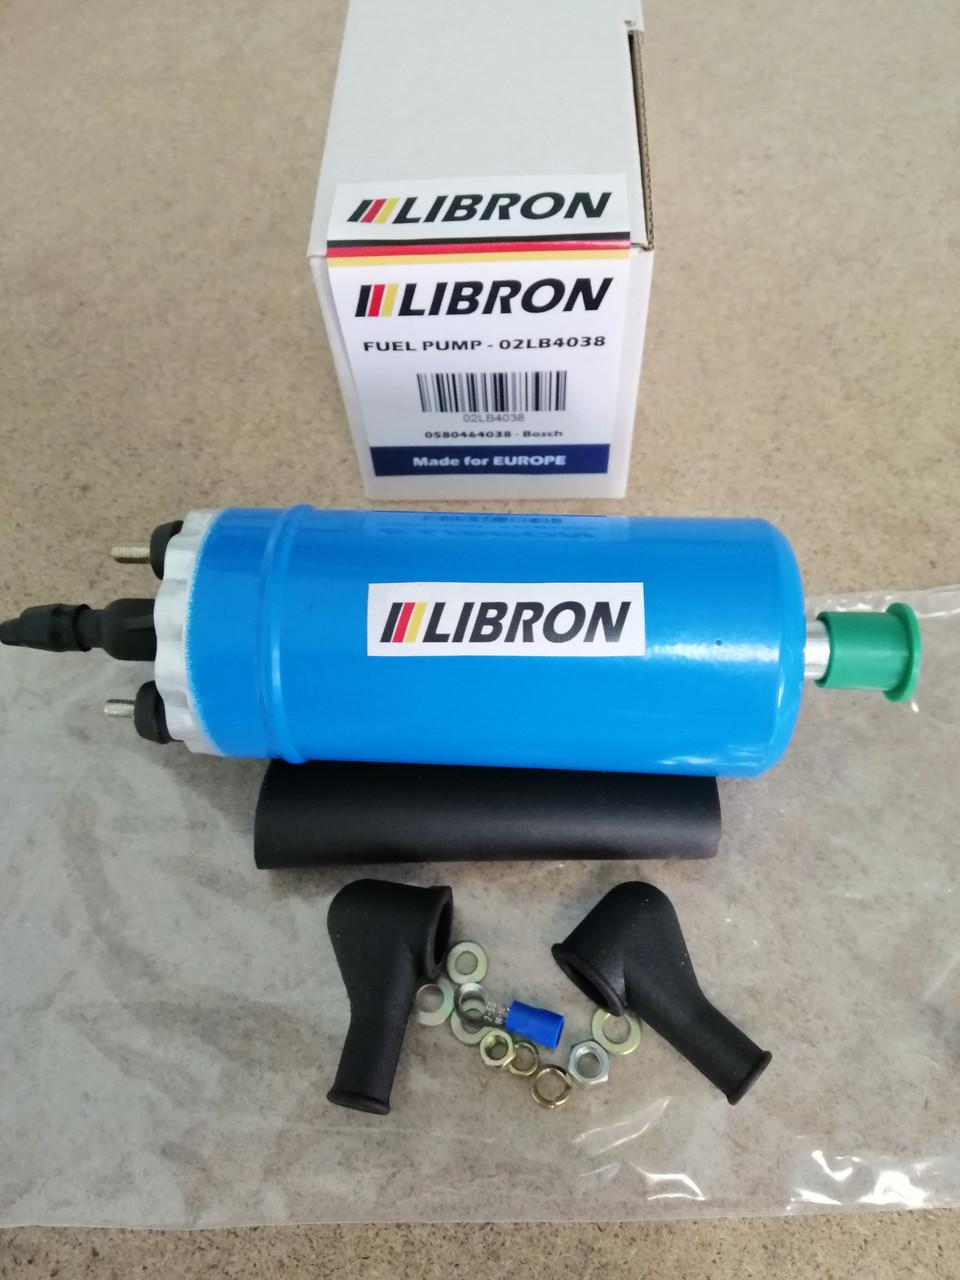 Бензонасос LIBRON 02LB4038 - Рено 19 I Chamade (L53_) 1.4 (L532, L53P) (1988-1992)